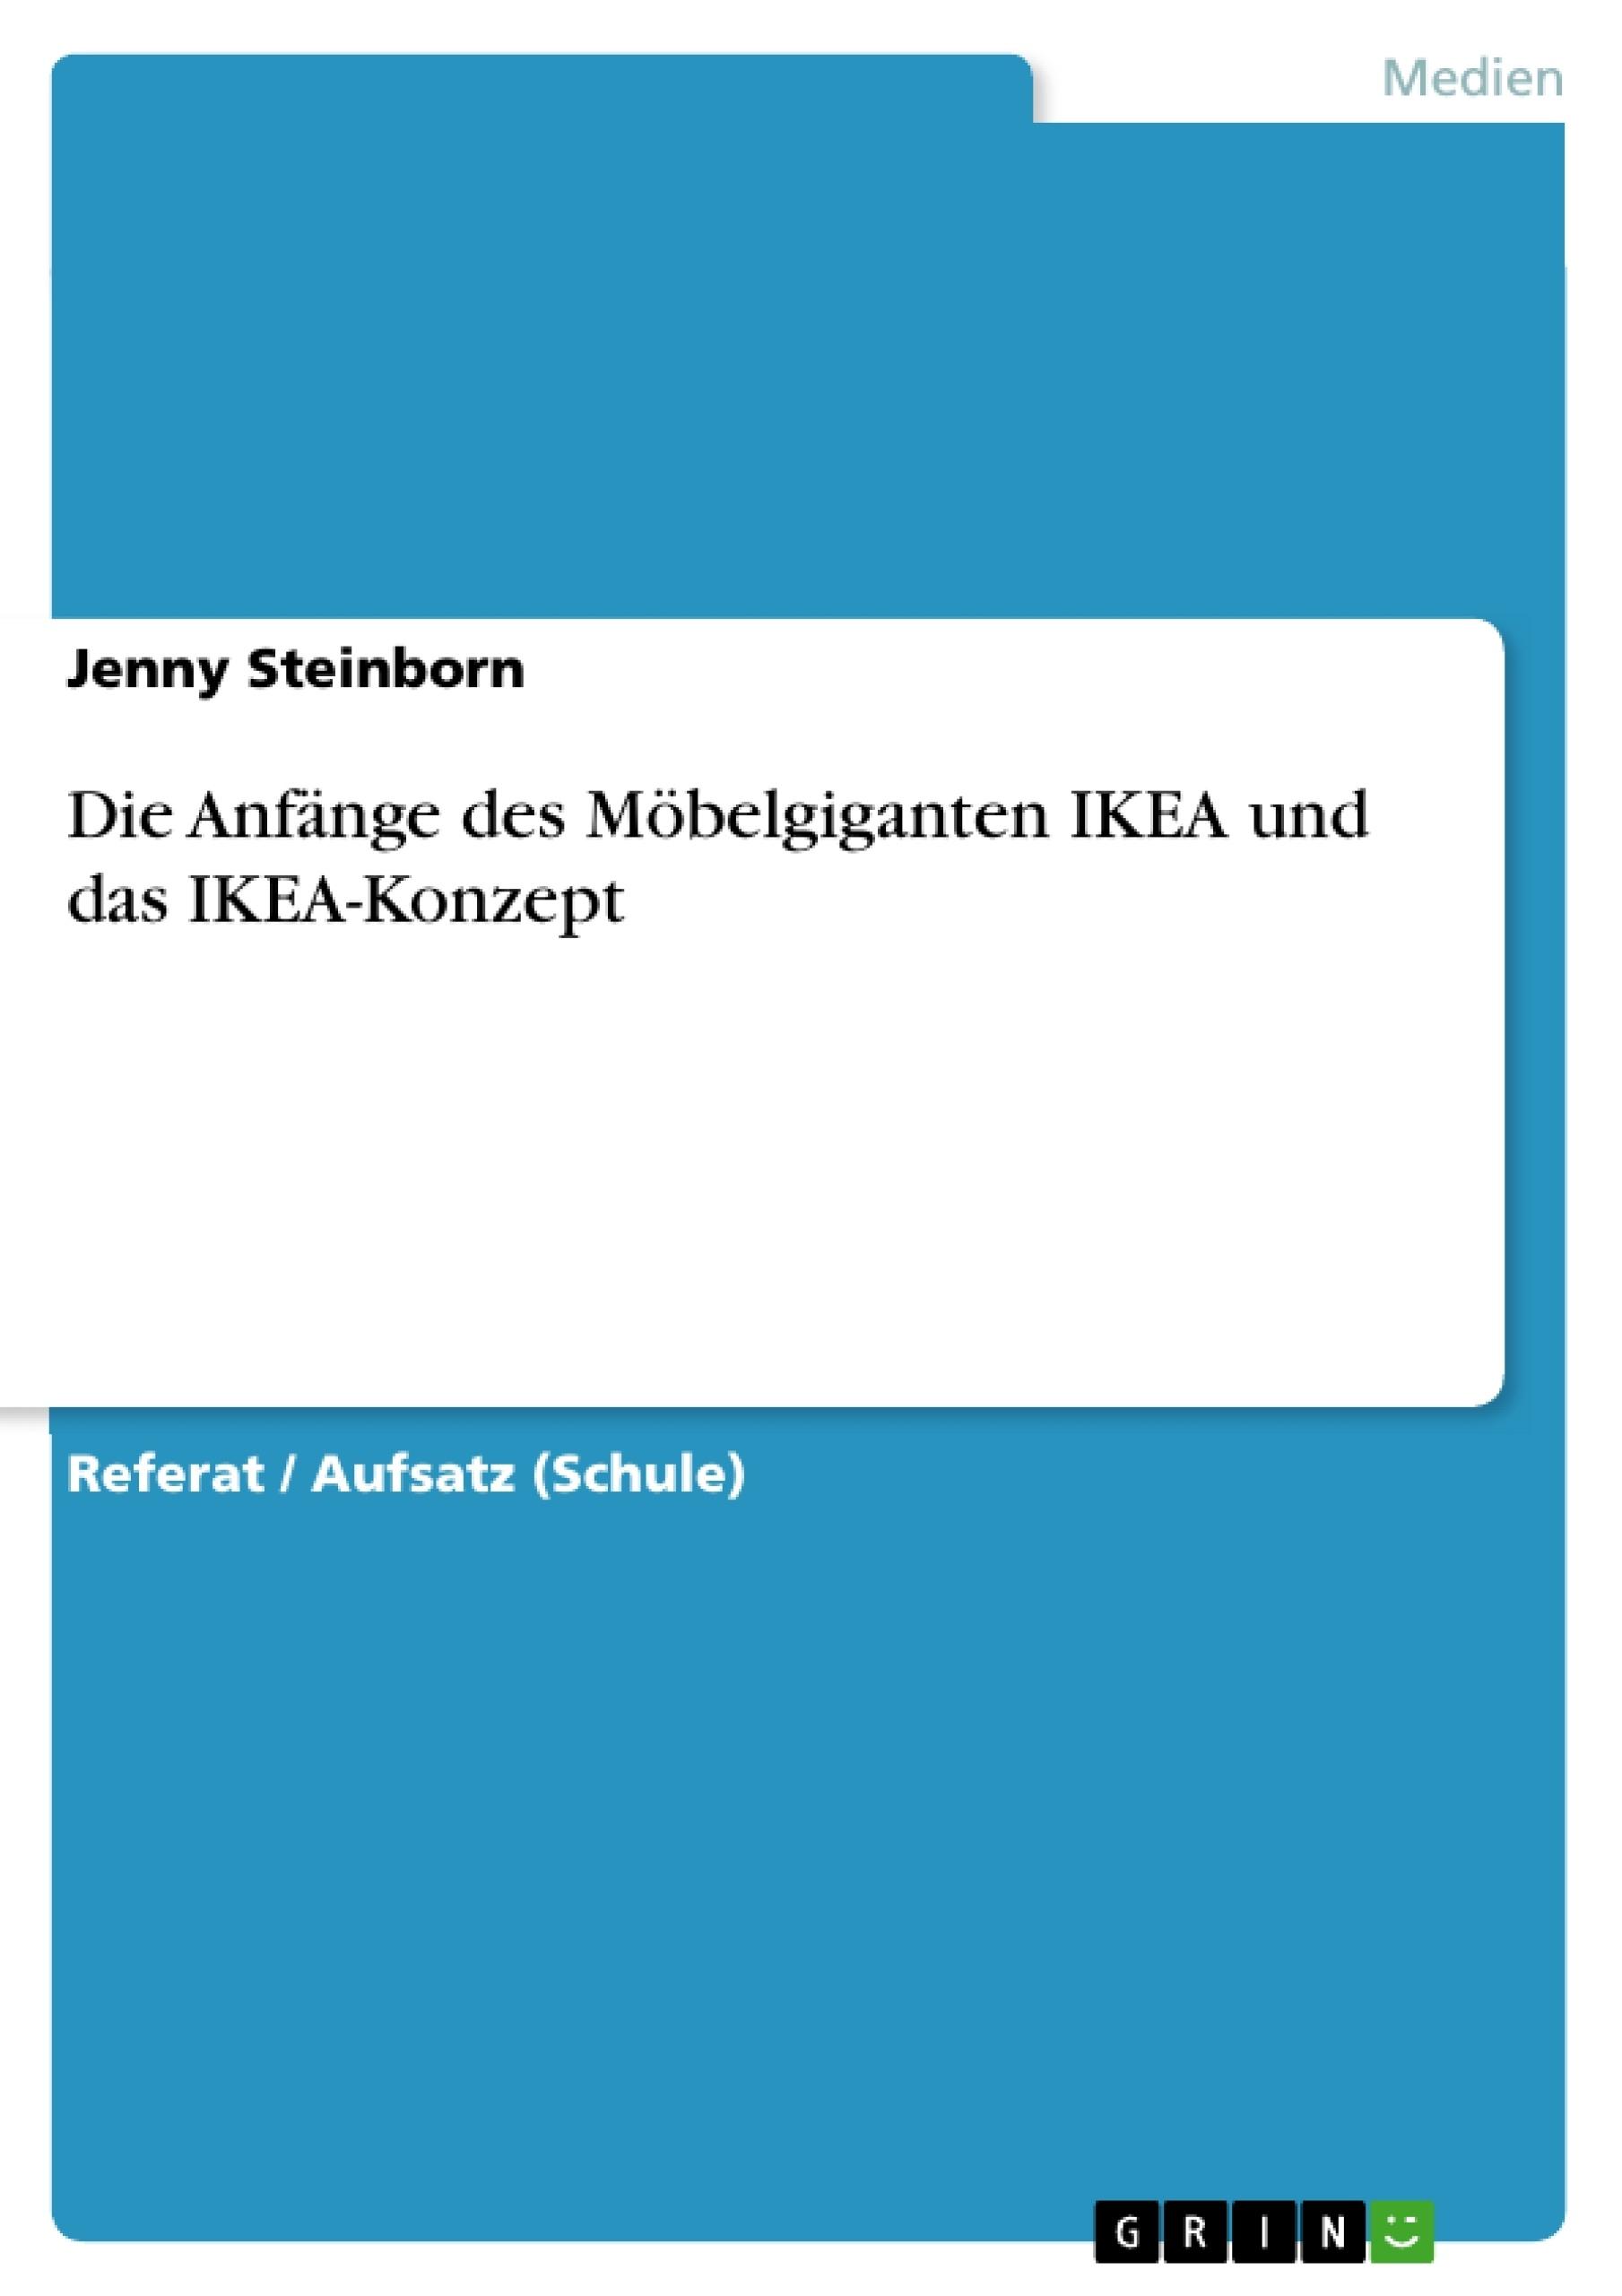 Titel: Die Anfänge des Möbelgiganten IKEA und das IKEA-Konzept